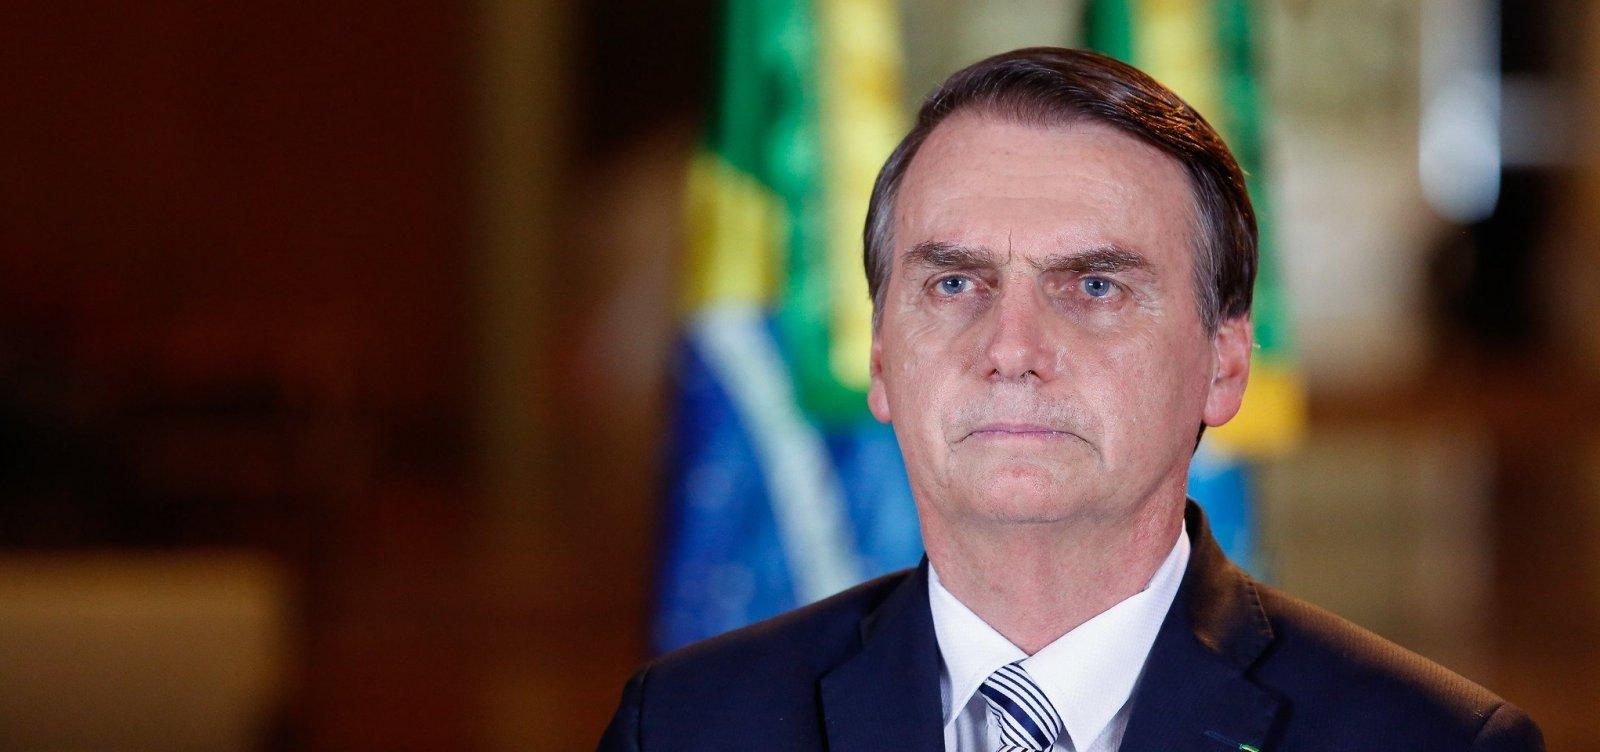 Bolsonaro manda carta a novo presidente dos EUA para 'aprofundar parceria'